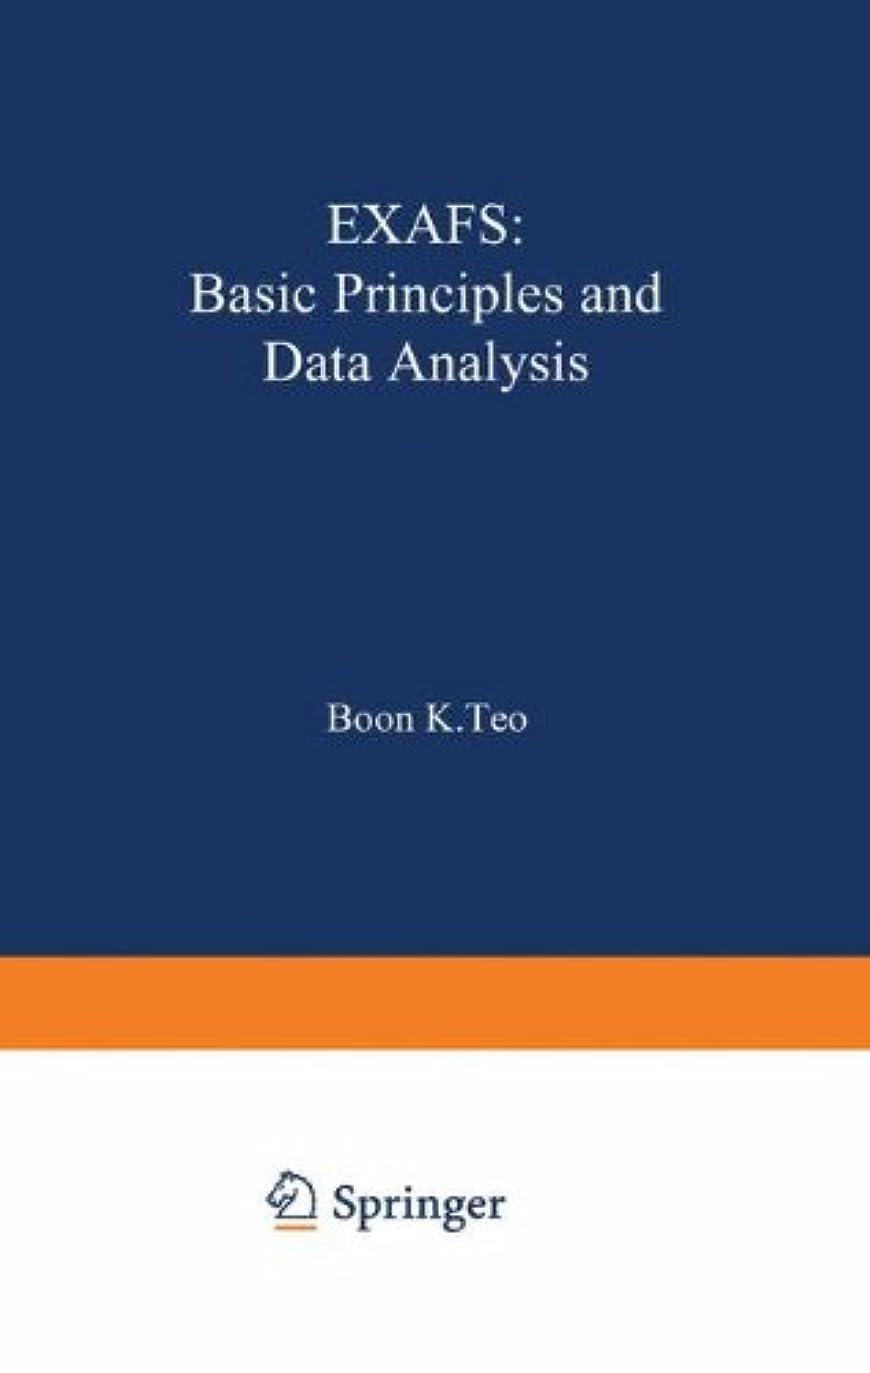 考古学僕のどういたしましてEXAFS: Basic Principles and Data Analysis (Inorganic Chemistry Concepts)